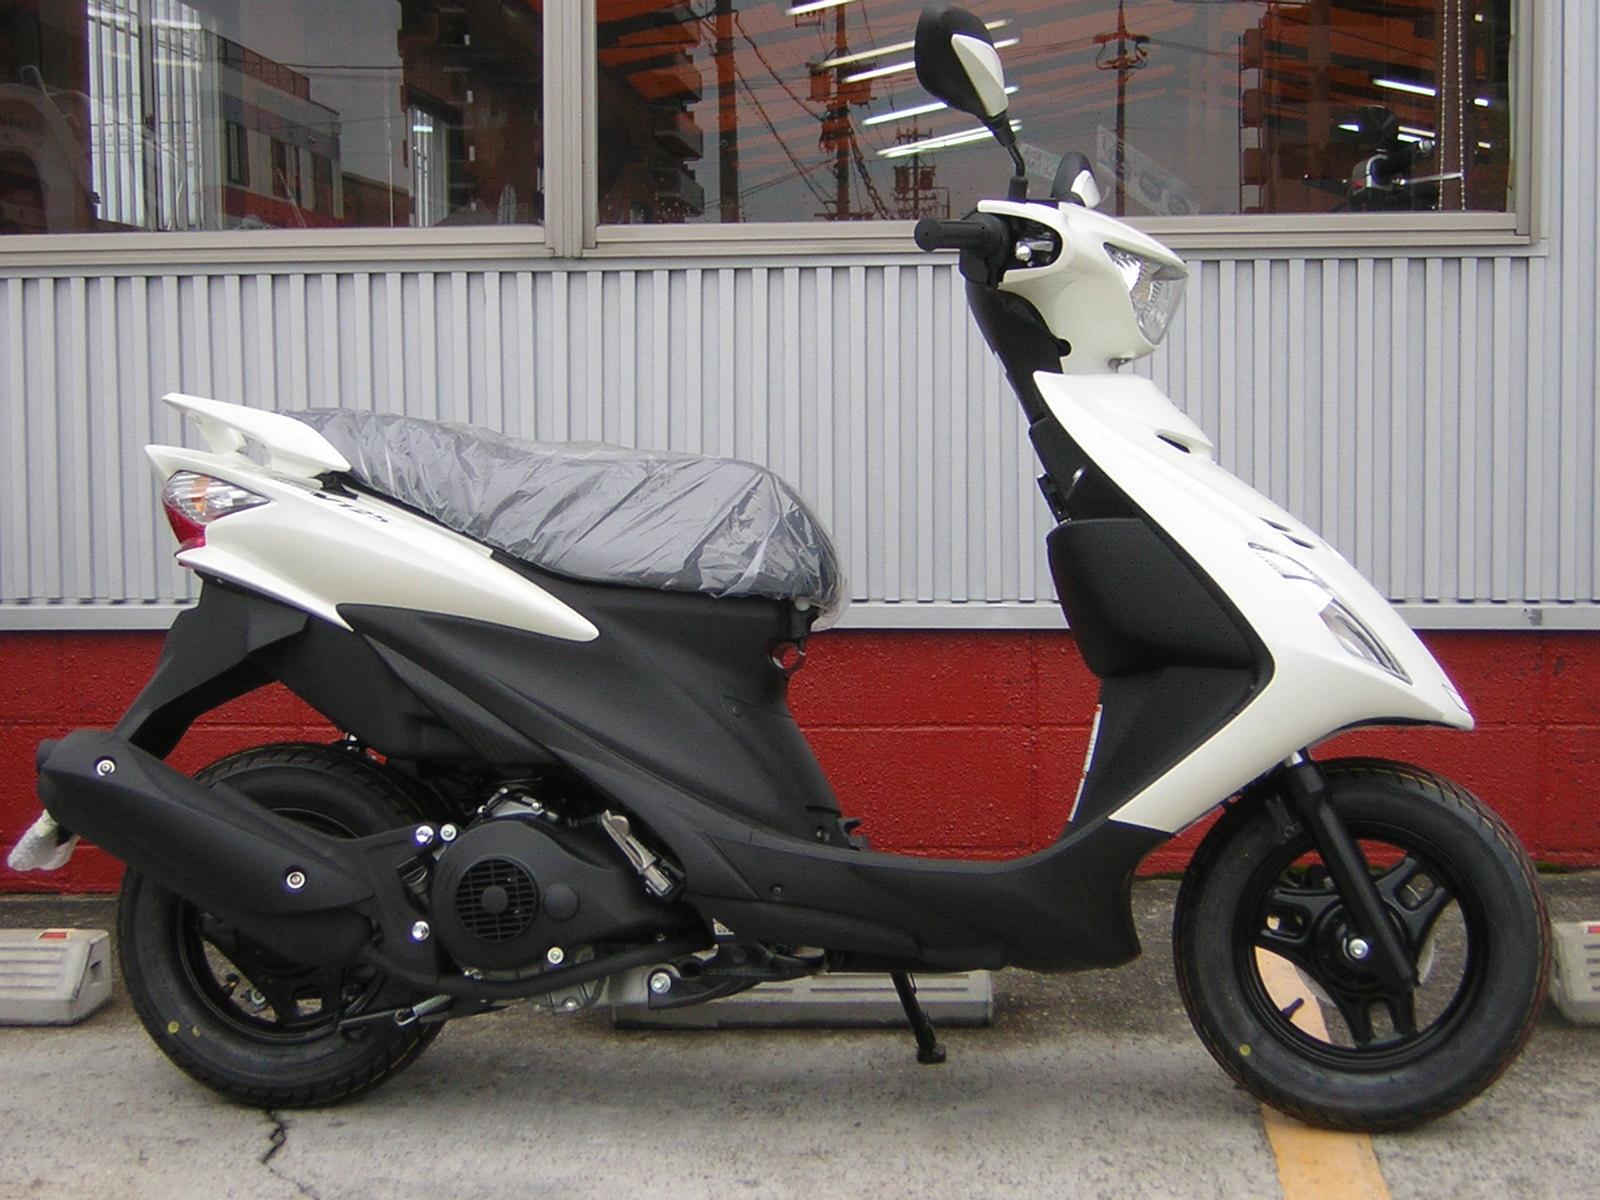 アドレスV125Sスポーツキット装着車_a0169121_17335637.jpg